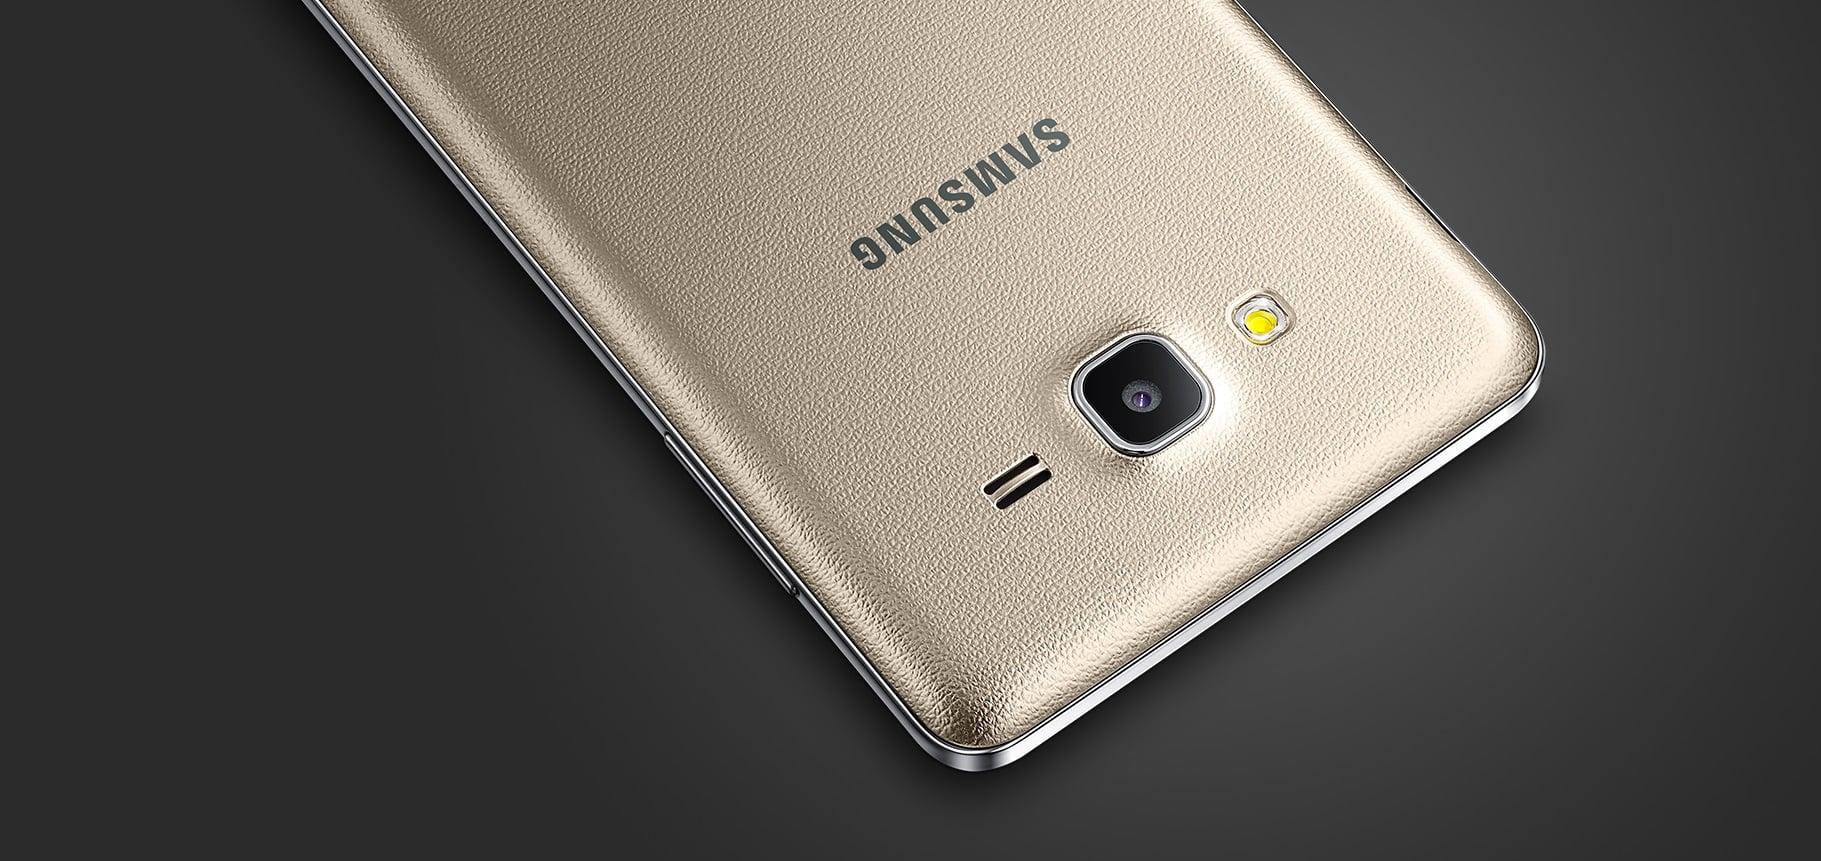 Tabletowo.pl Samsung Galaxy On7 (2016) może trafić nie tylko do Indii Android Plotki / Przecieki Samsung Smartfony